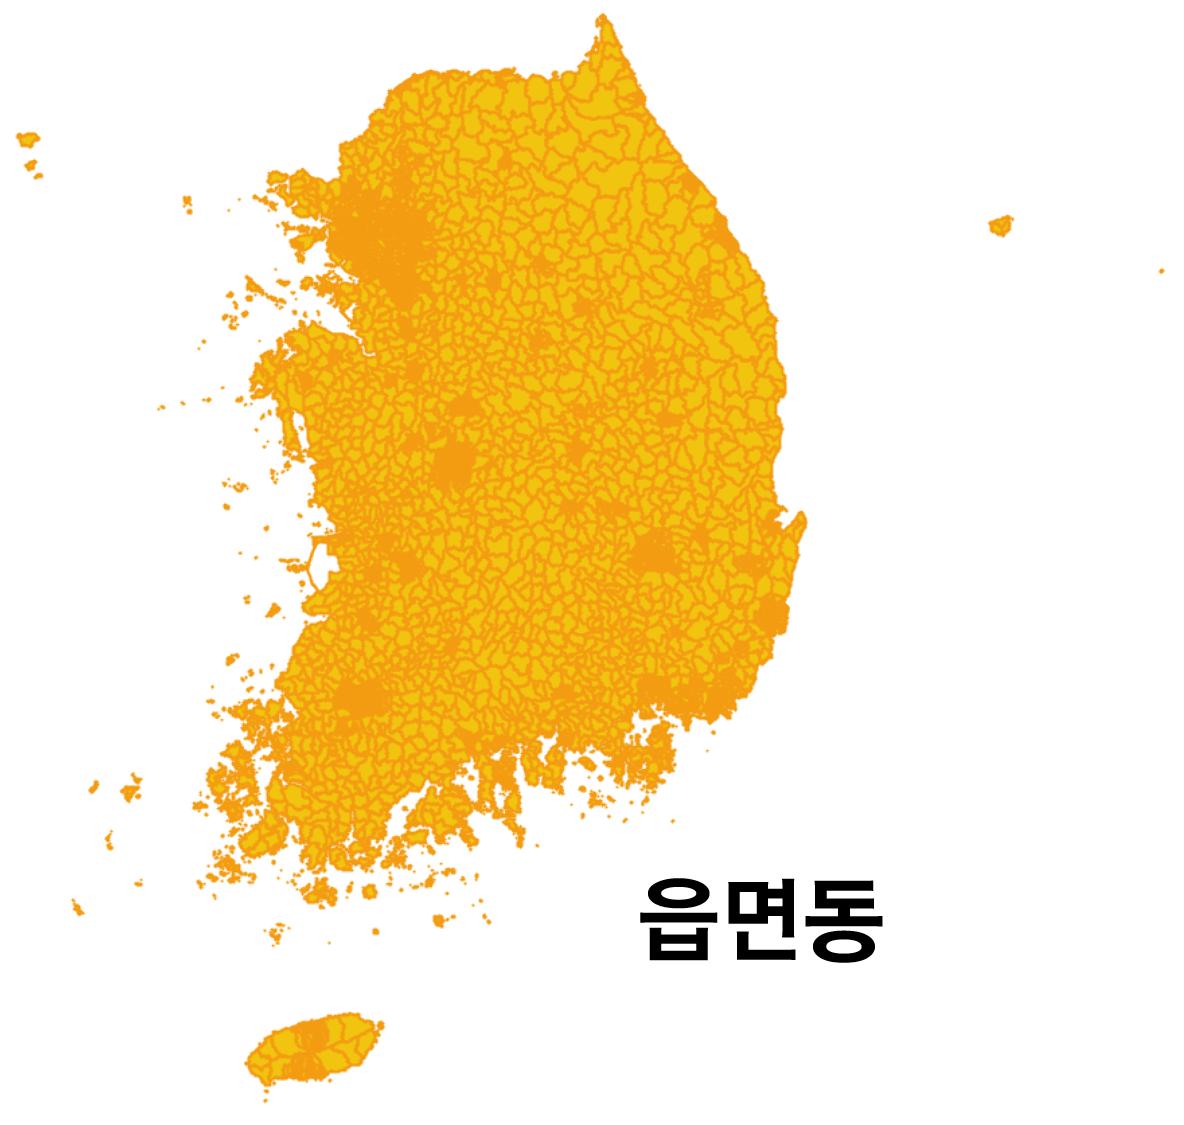 한국 행정구역 읍면동